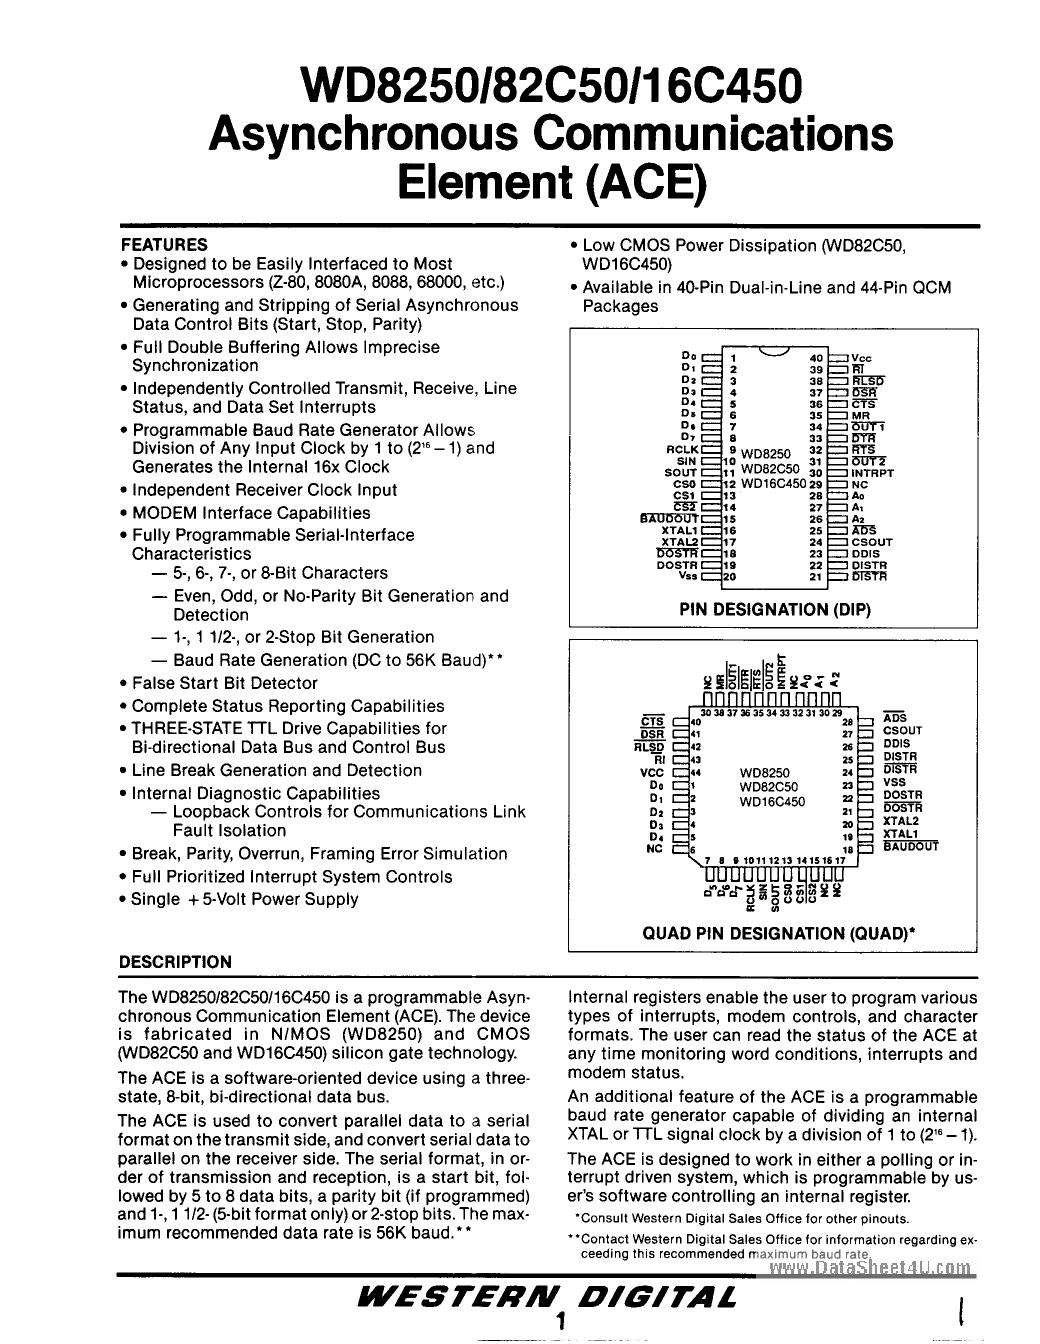 WD16C450 datasheet